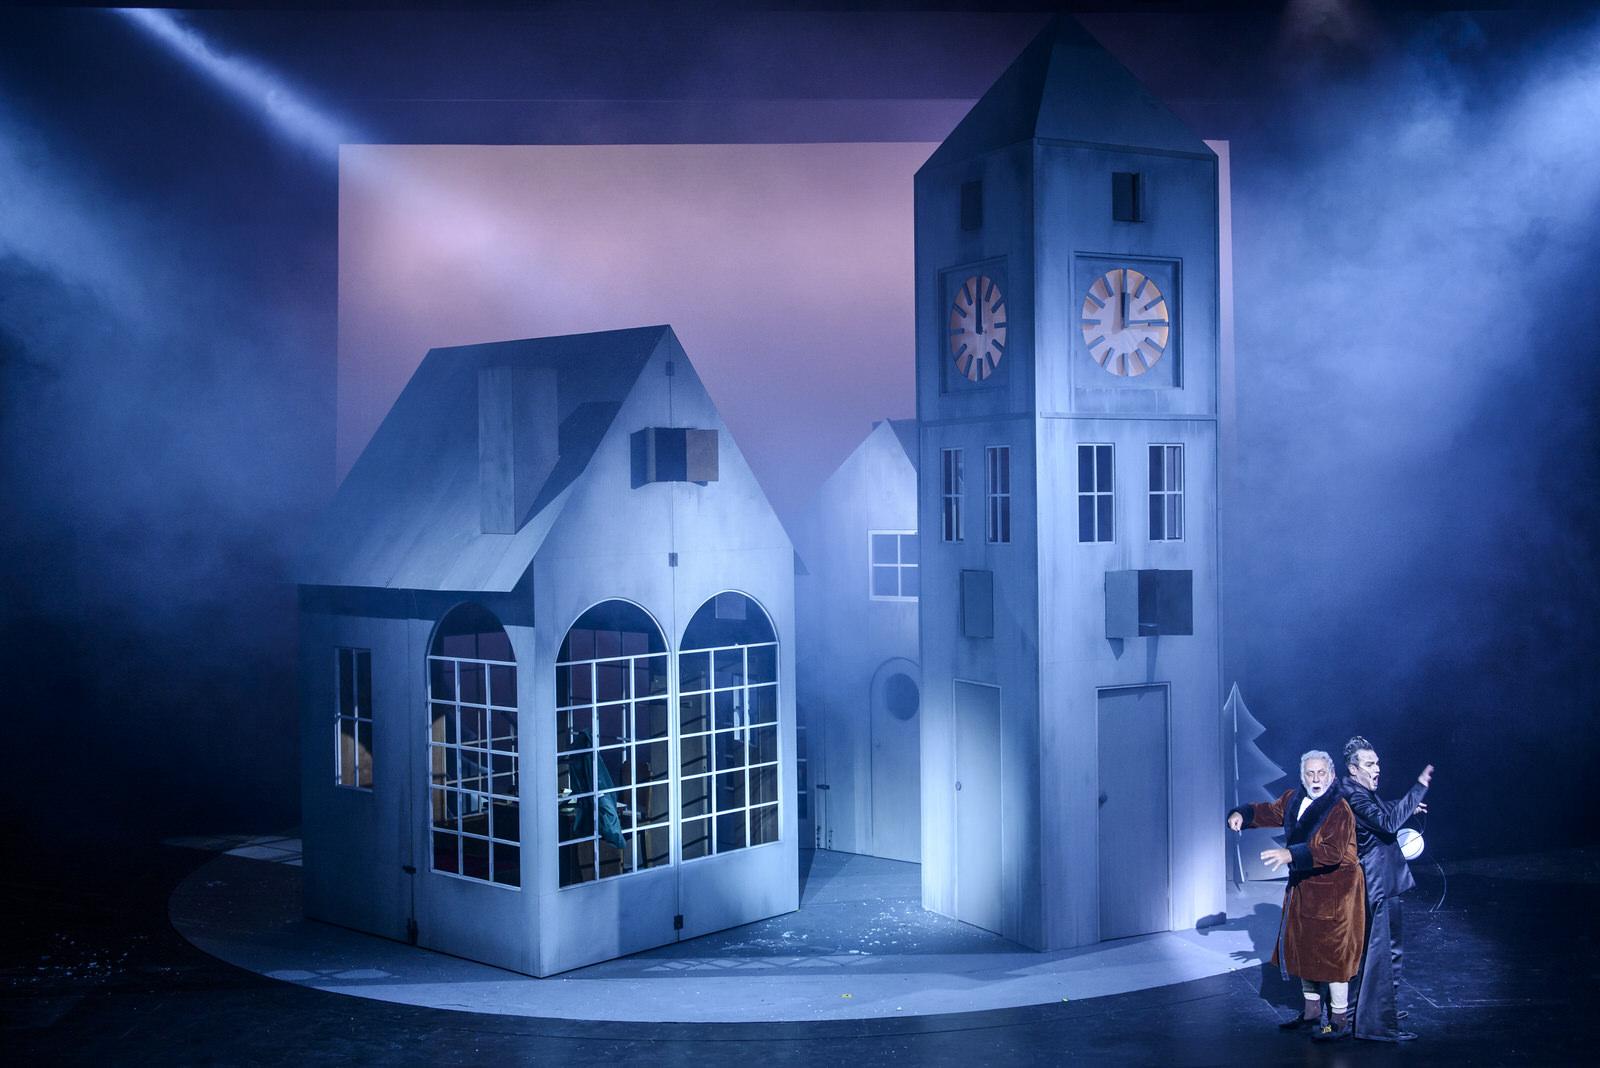 Χριστουγεννιάτικη ιστορία Τσαρλς Ντίκενς - ΘΕΑΤΡΟ REX - ΣΚΗΝΗ «ΜΑΡΙΚΑ  ΚΟΤΟΠΟΥΛΗ» - Εθνικό Θέατρο - Εθνικό Θέατρο